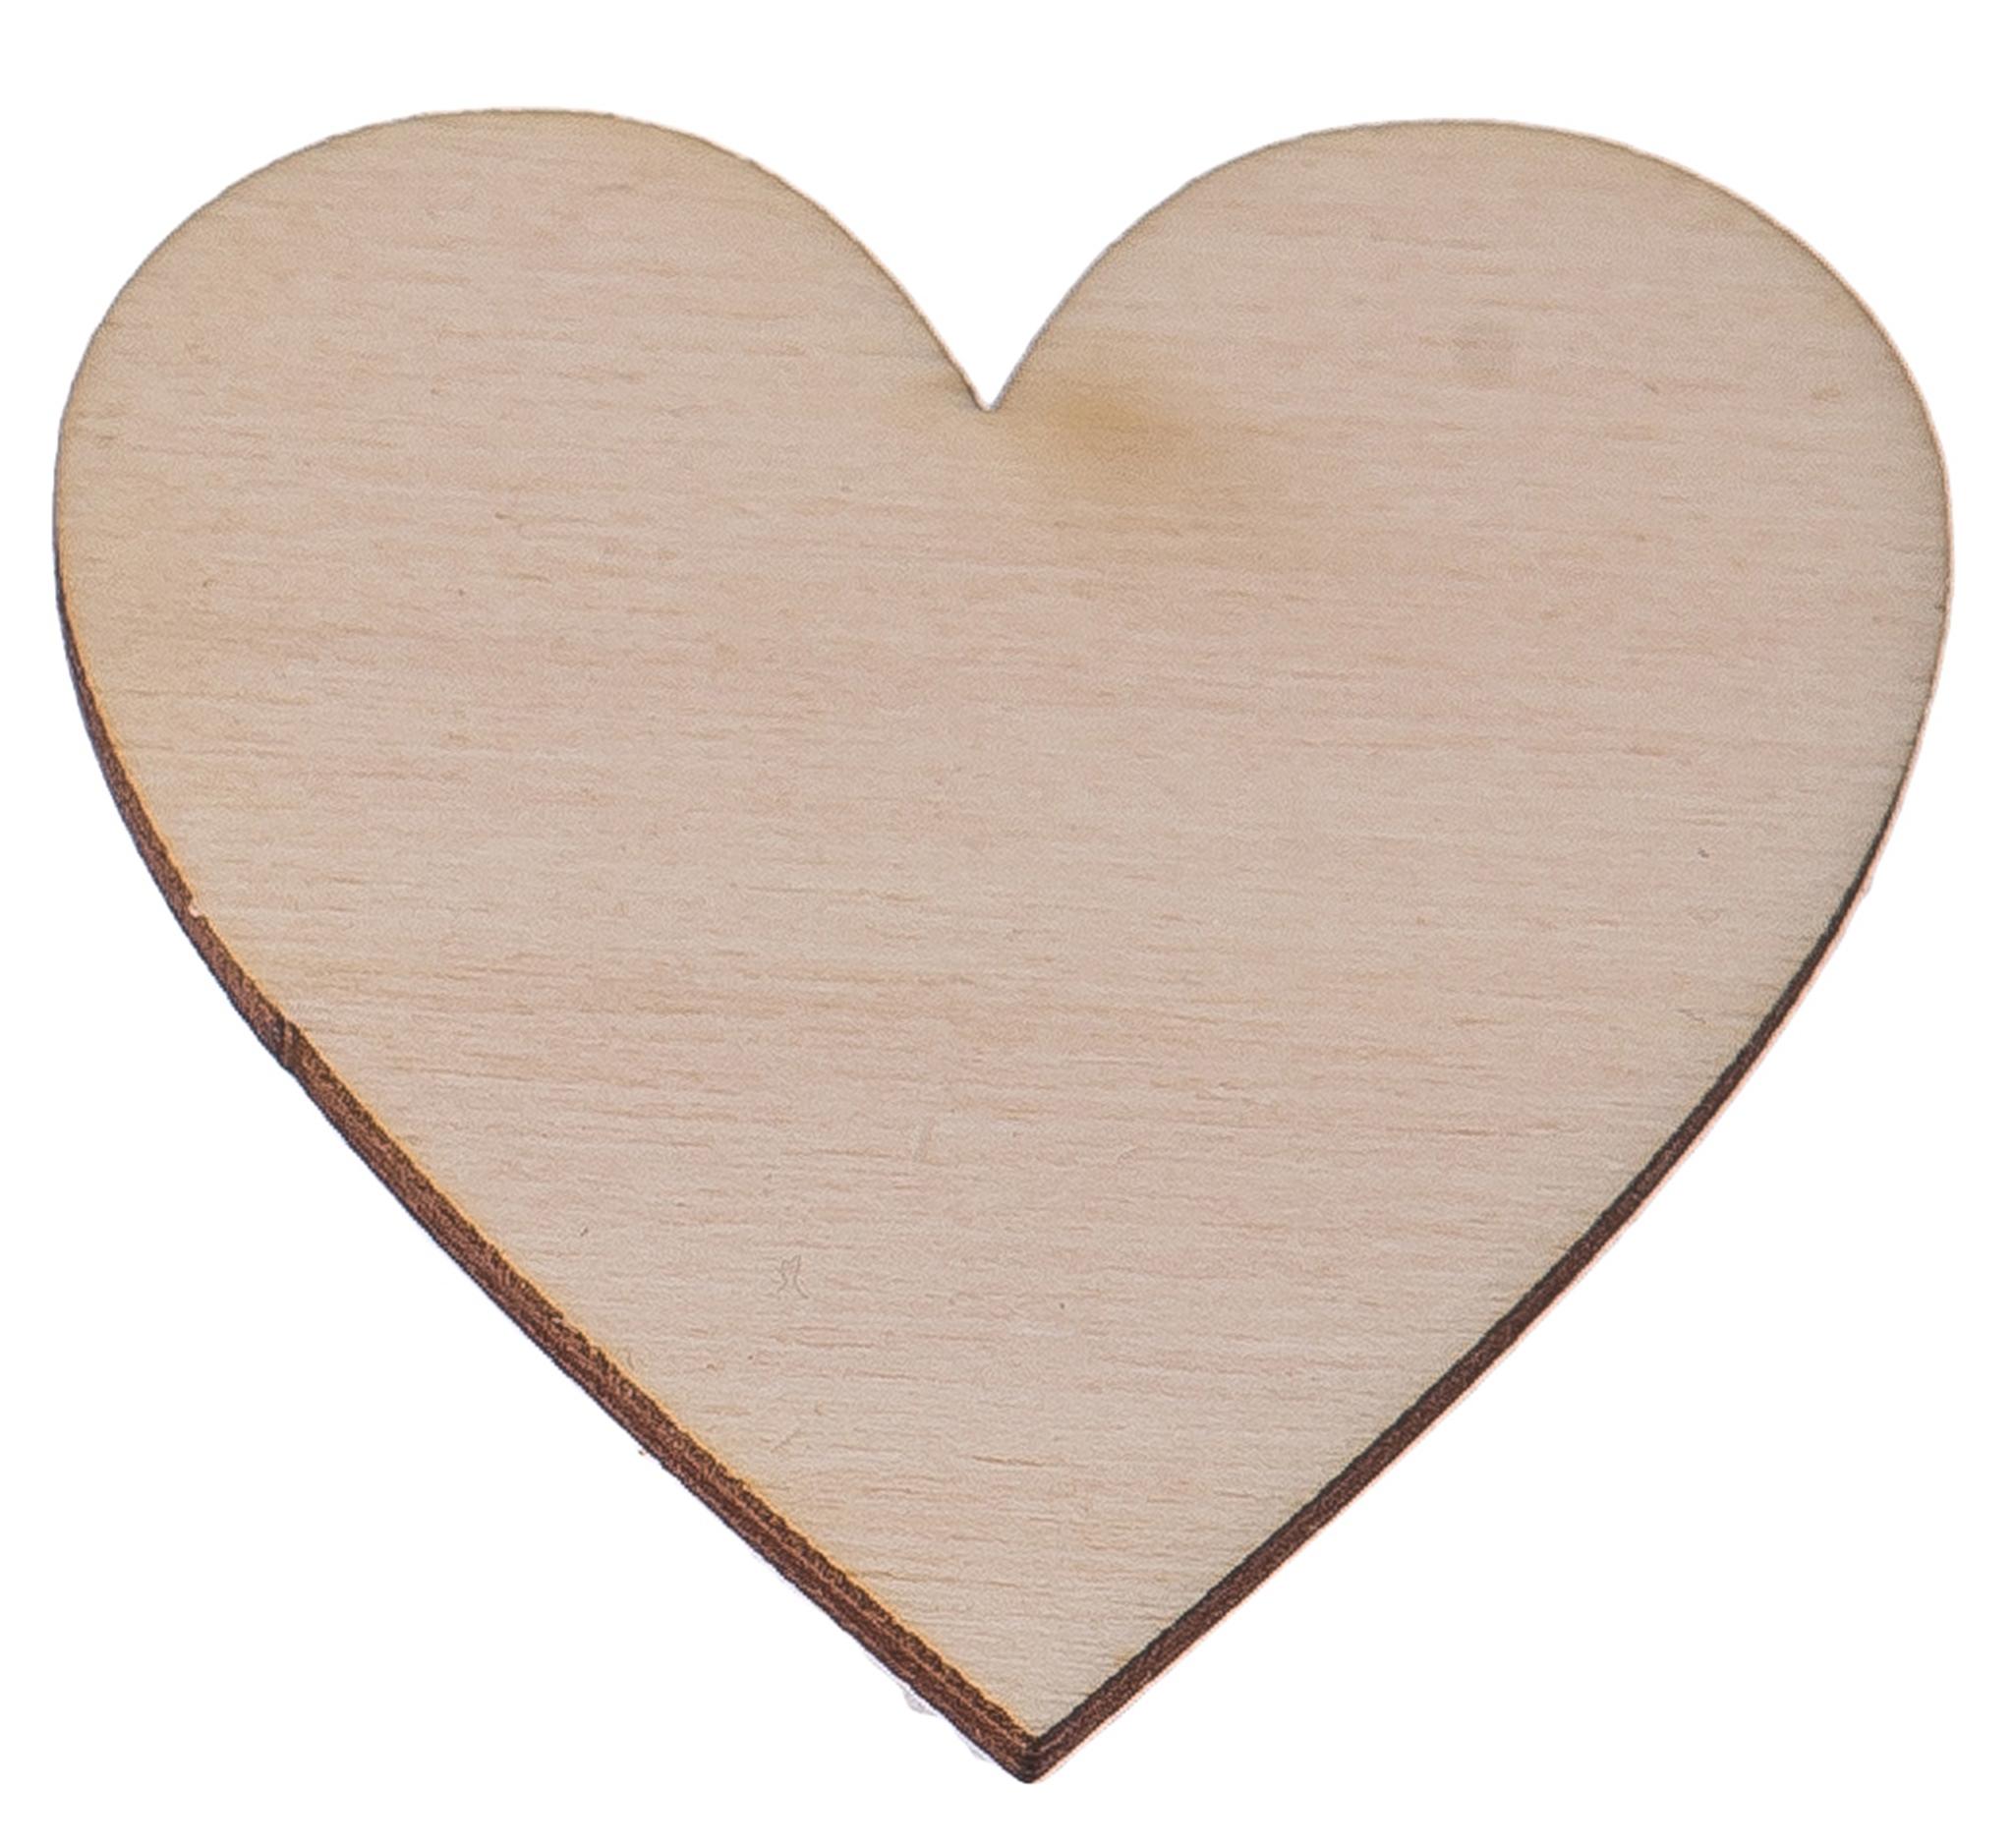 еще картинки деревянных сердечек милашек очень красивыми